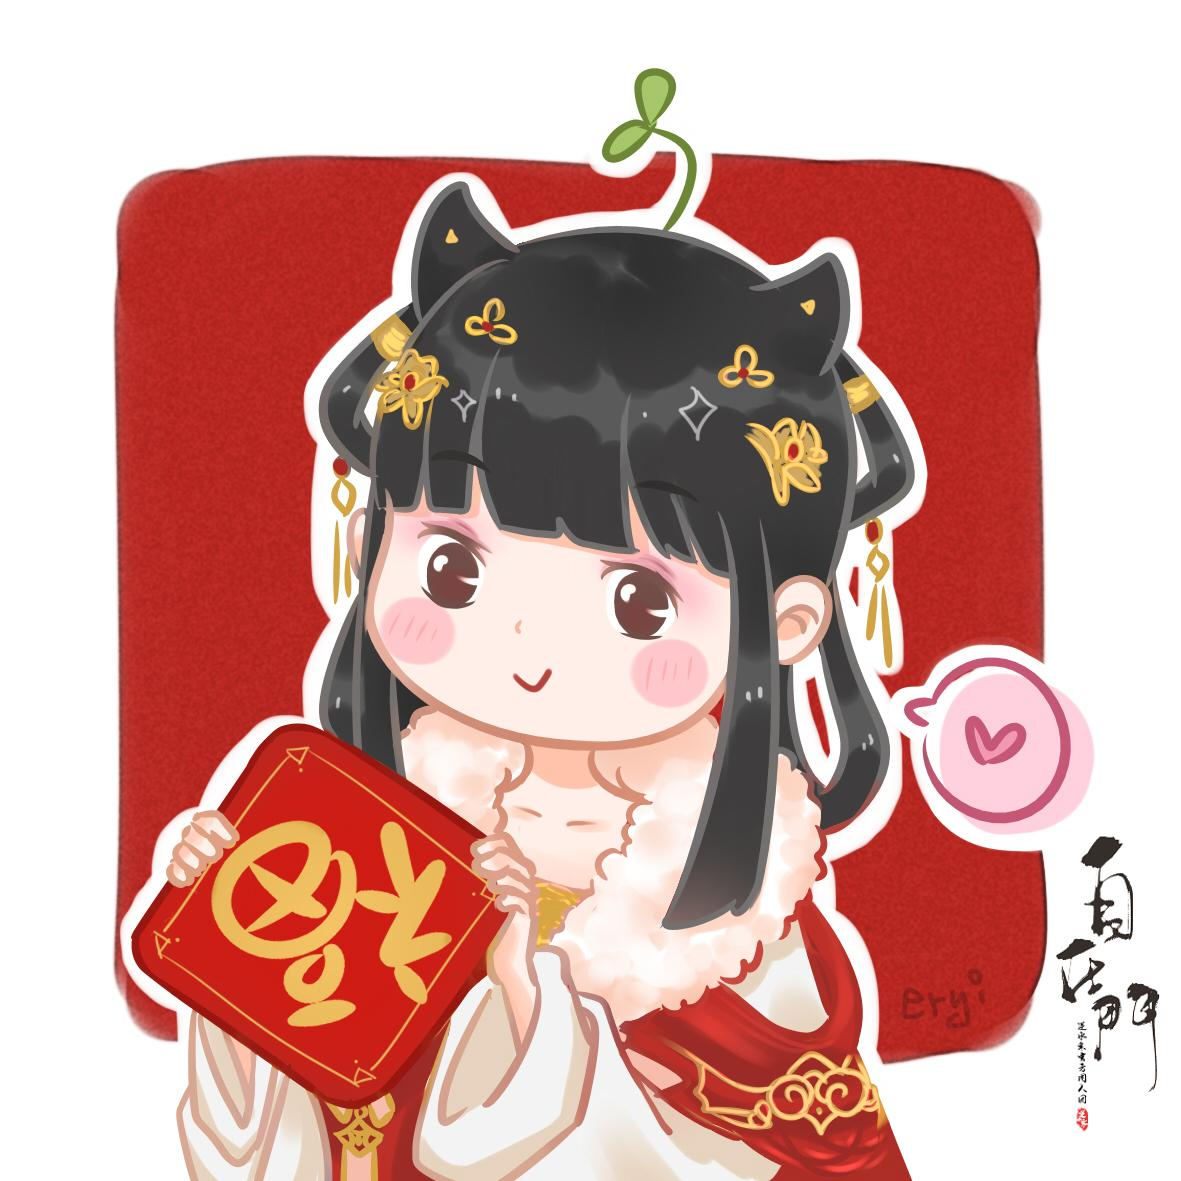 新春佳节·福到啦·如意瑞喜【自在门】【手绘】